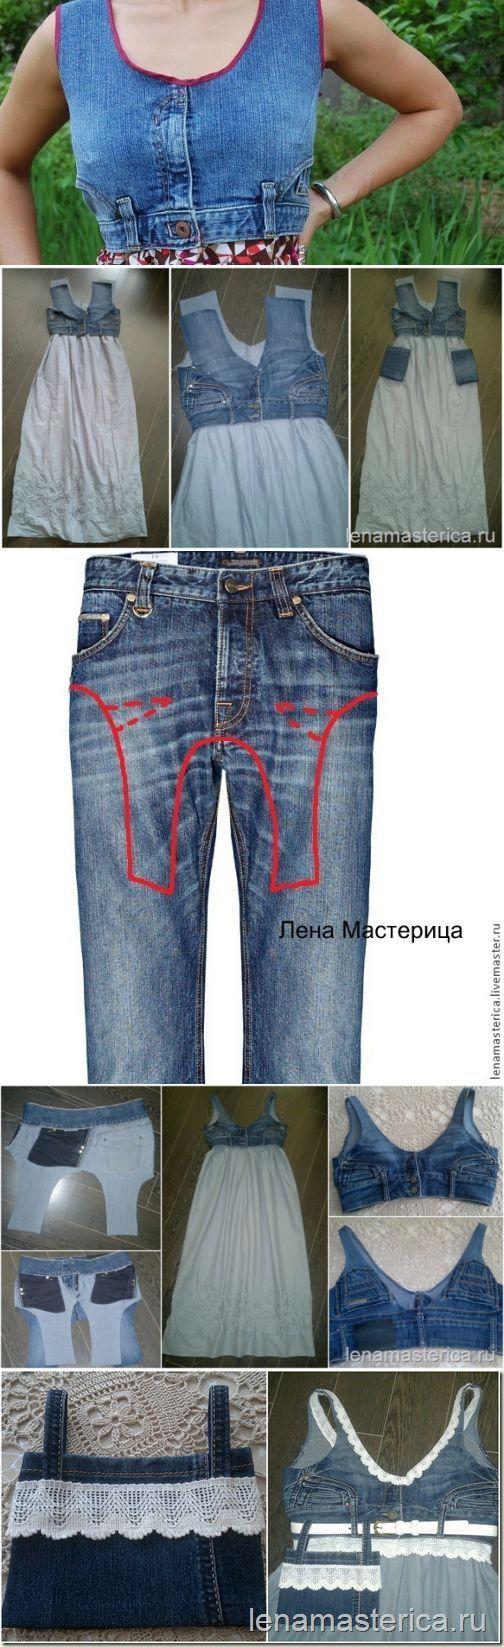 Hoja de jeans vestido de verano (clase magistral) / los pantalones vaqueros / Alteración Las manos - los modelos, alteración de la ropa, decoración de interiores con sus propias manos - en la segunda calle